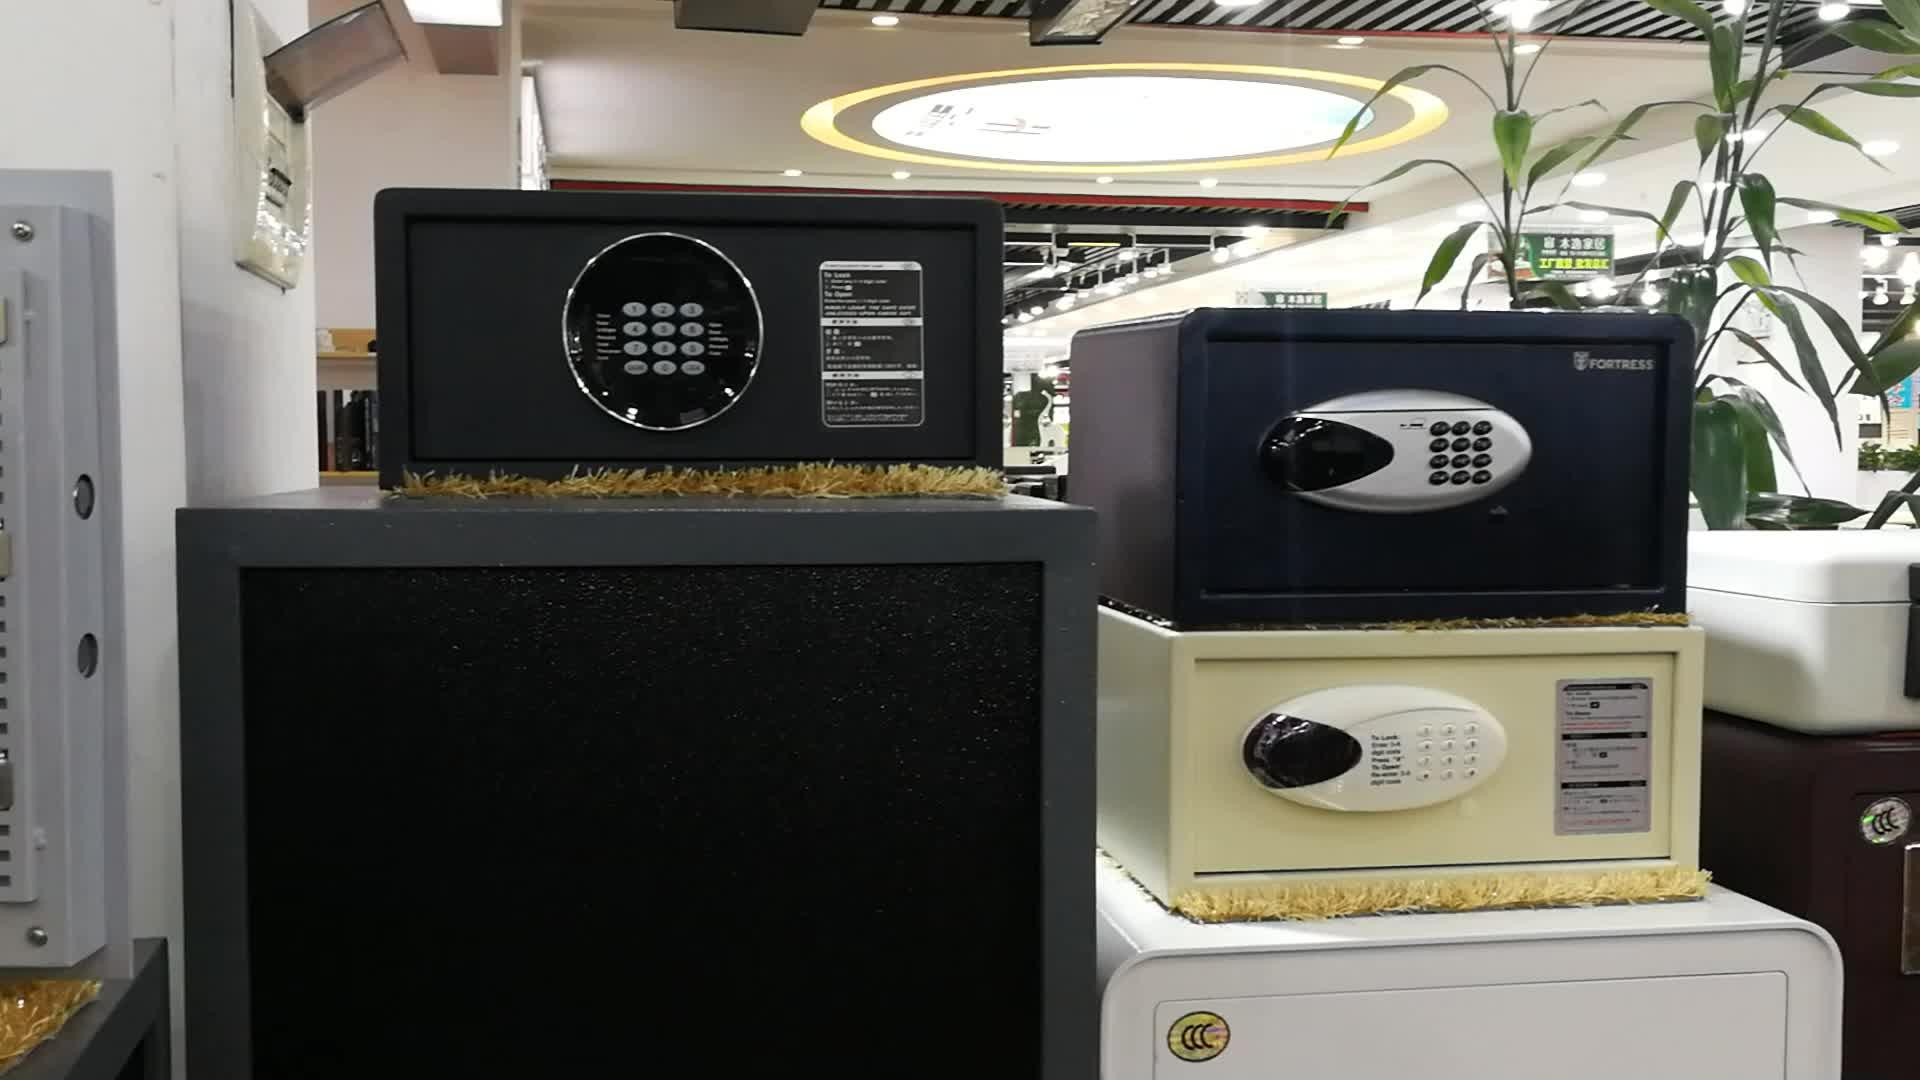 ประสบการณ์ 20 ปีโรงแรมปลอดภัยด้วย digital lock สีดำห้องความปลอดภัยโรงแรมฝากของในตู้เสื้อผ้า